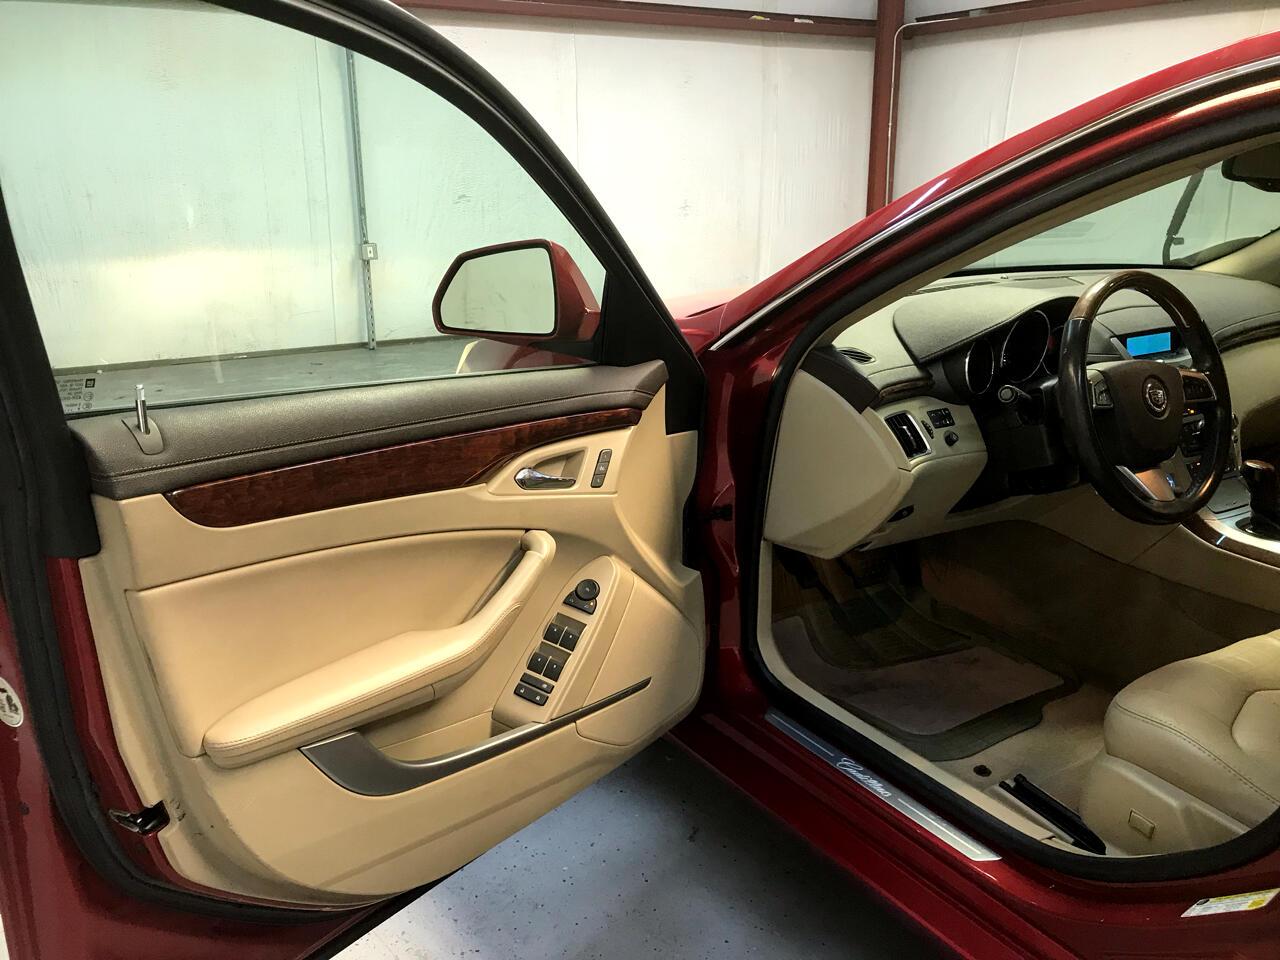 2009 Cadillac CTS 4dr Sdn RWD w/1SB